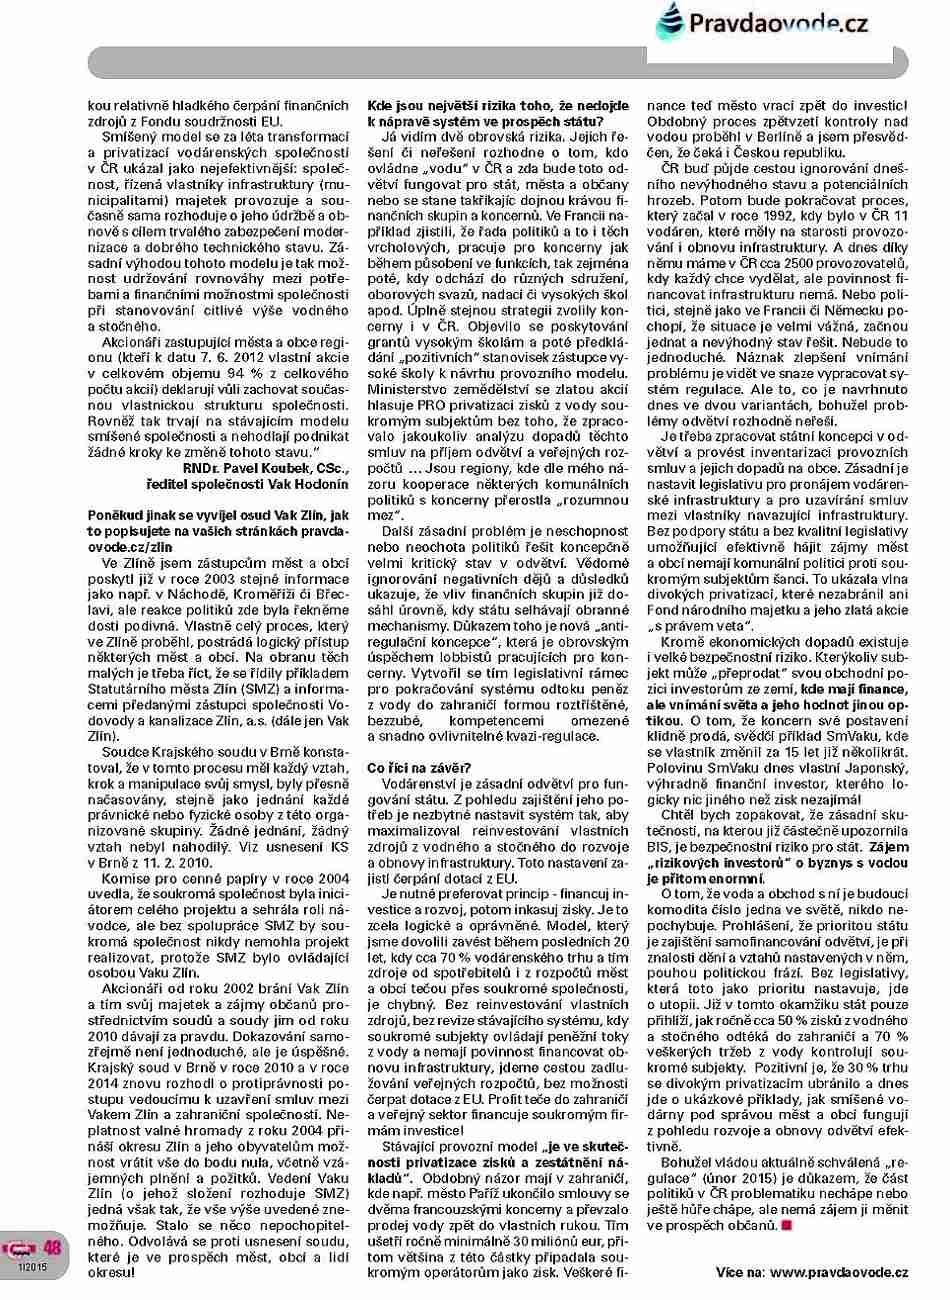 CI01_pravdaovode_Stránka_4web